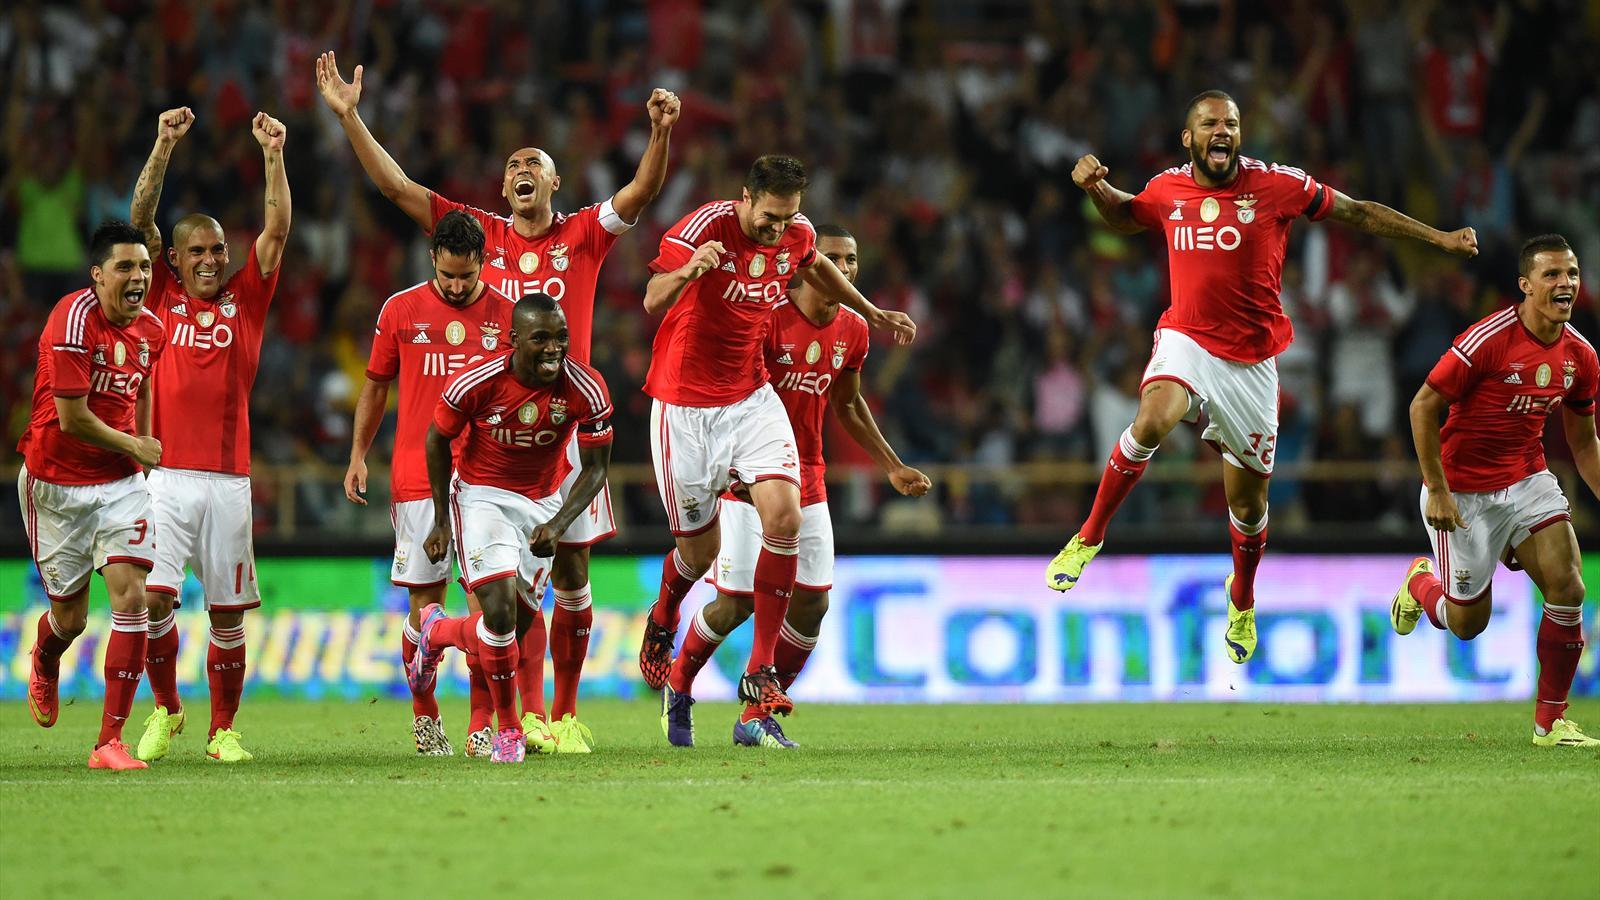 Прогноз на матч Фенербахче - Бенфика: гости из Португалии выиграют с нулевой форой